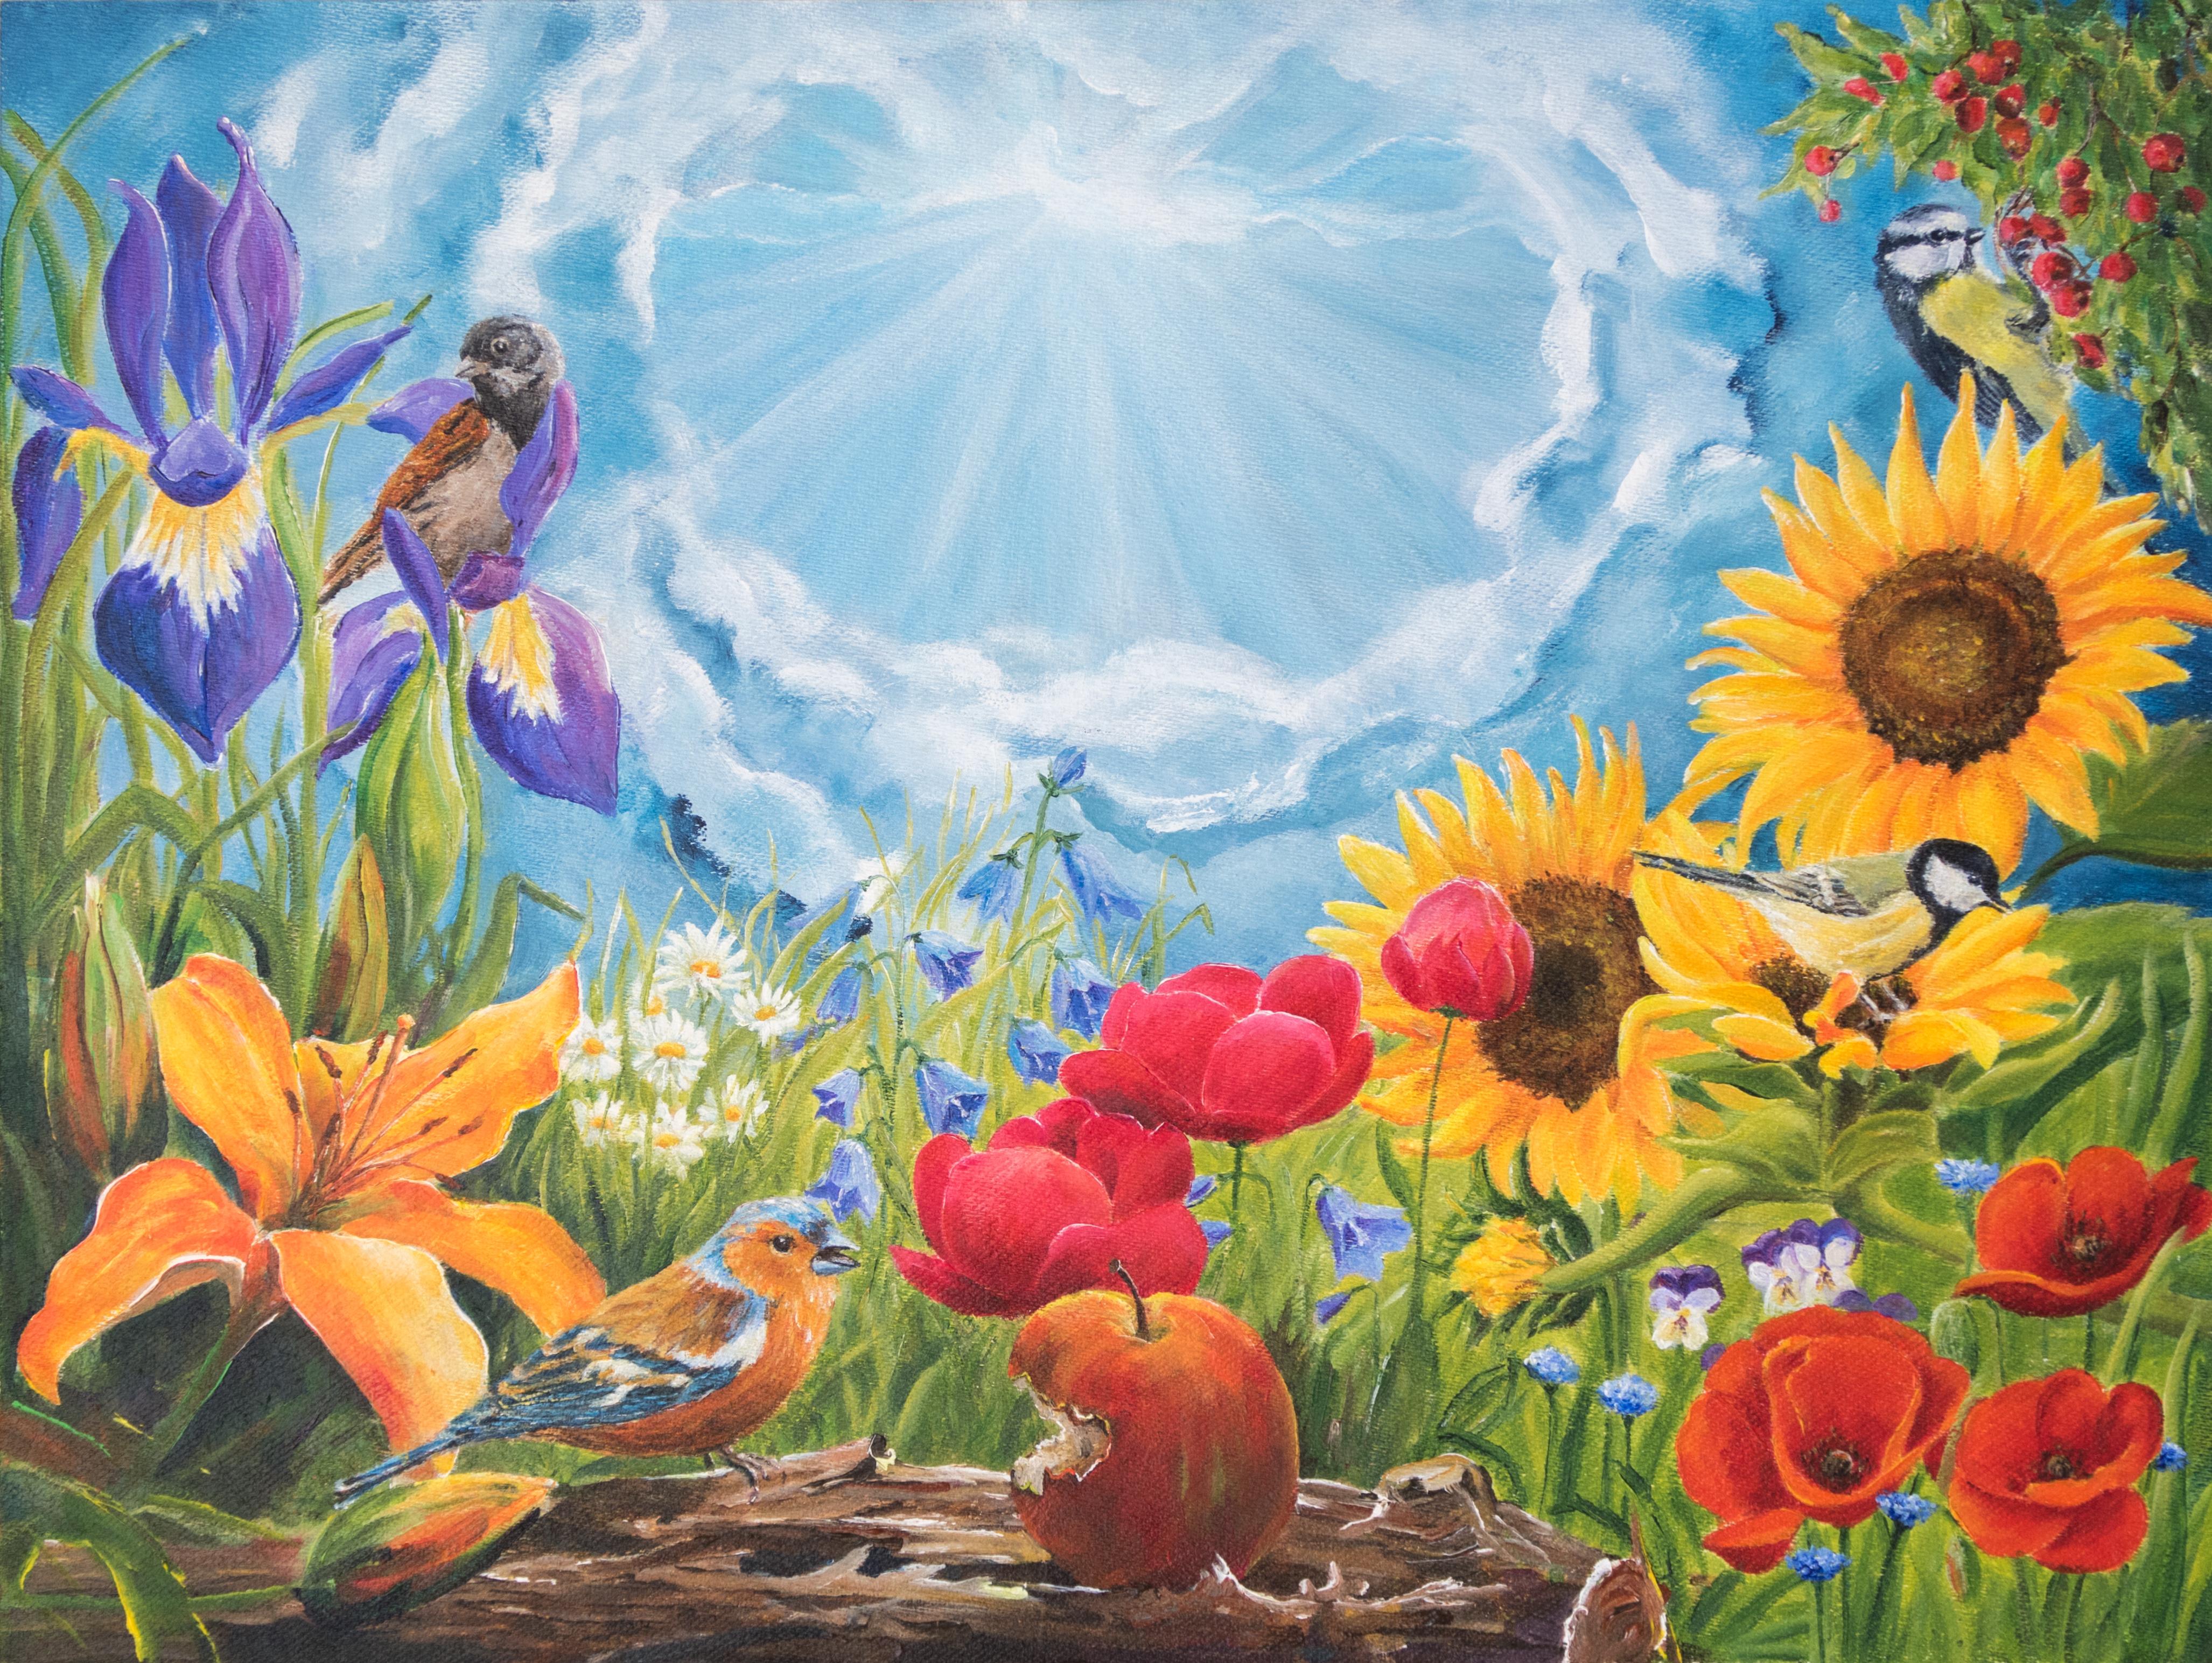 Kijk naar de vogels in de lucht... Mattheus 6 :26